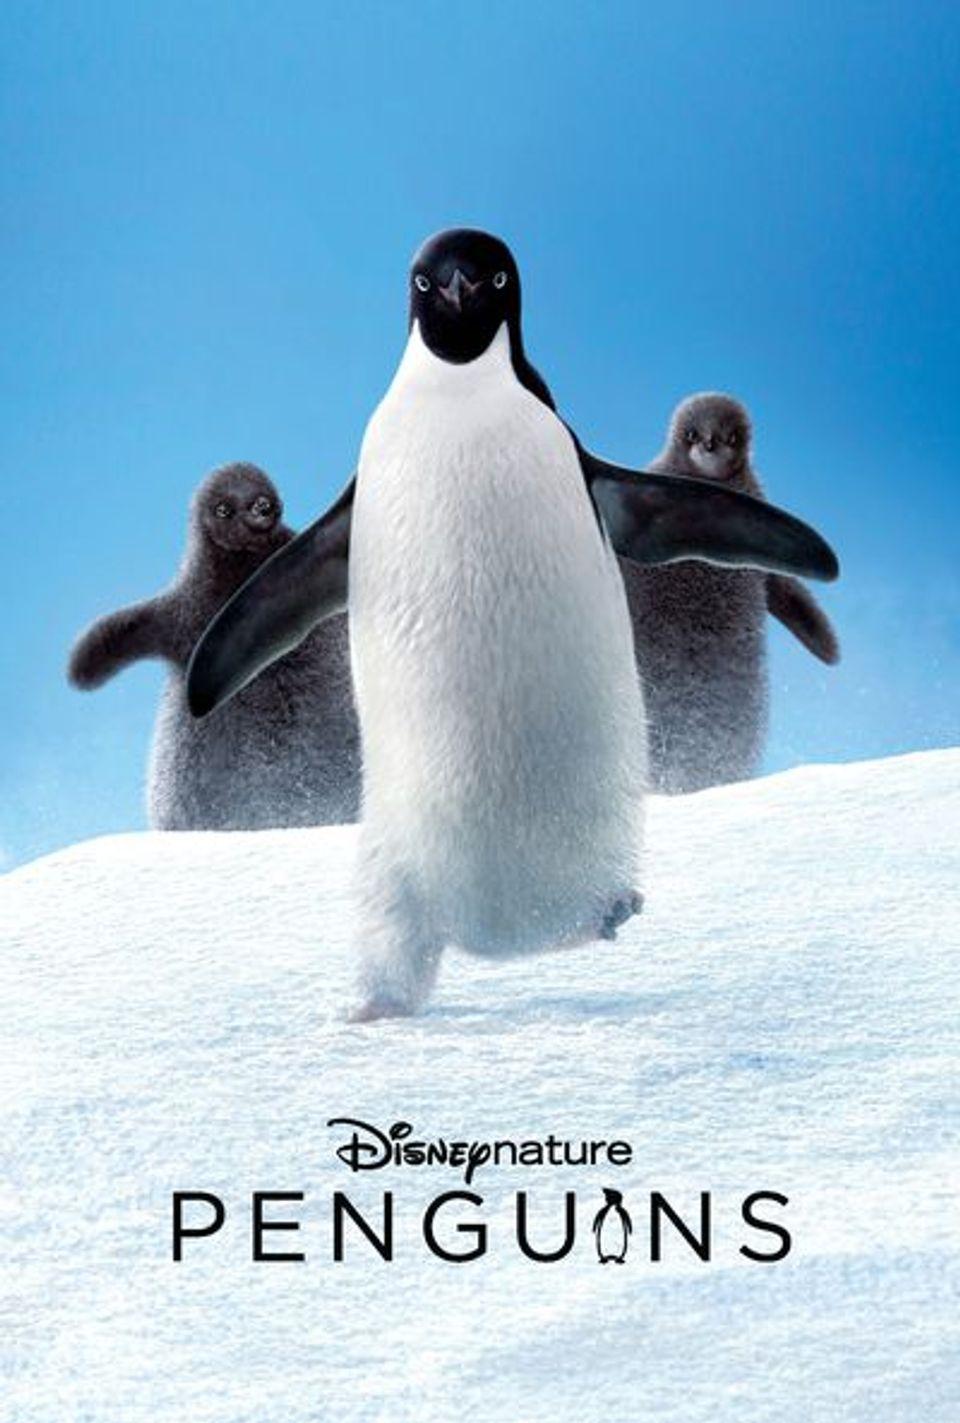 """ภ.สารคดี """"เพนกวินแห่งอาณาจักรน้ำแข็ง"""" (PENGUINS)"""